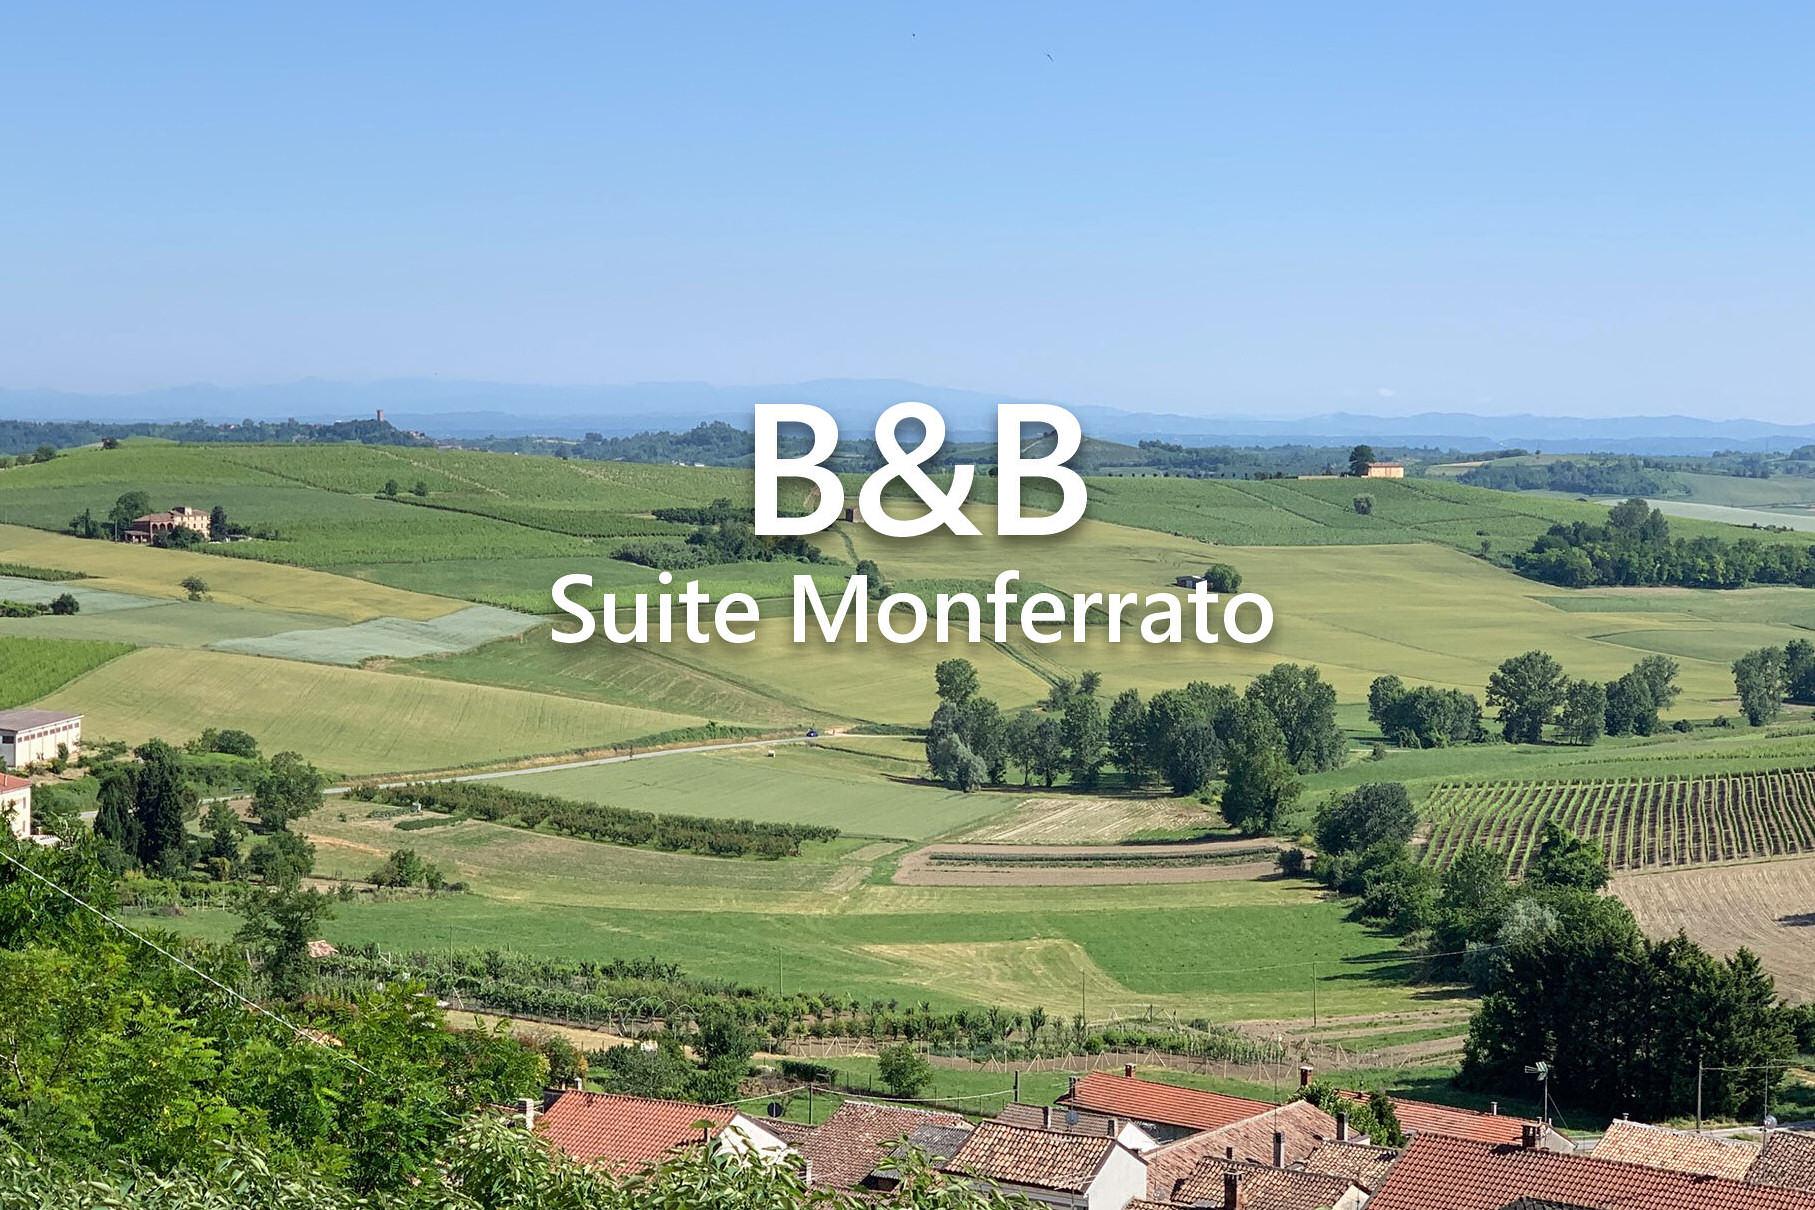 B&B Suite Monferrato